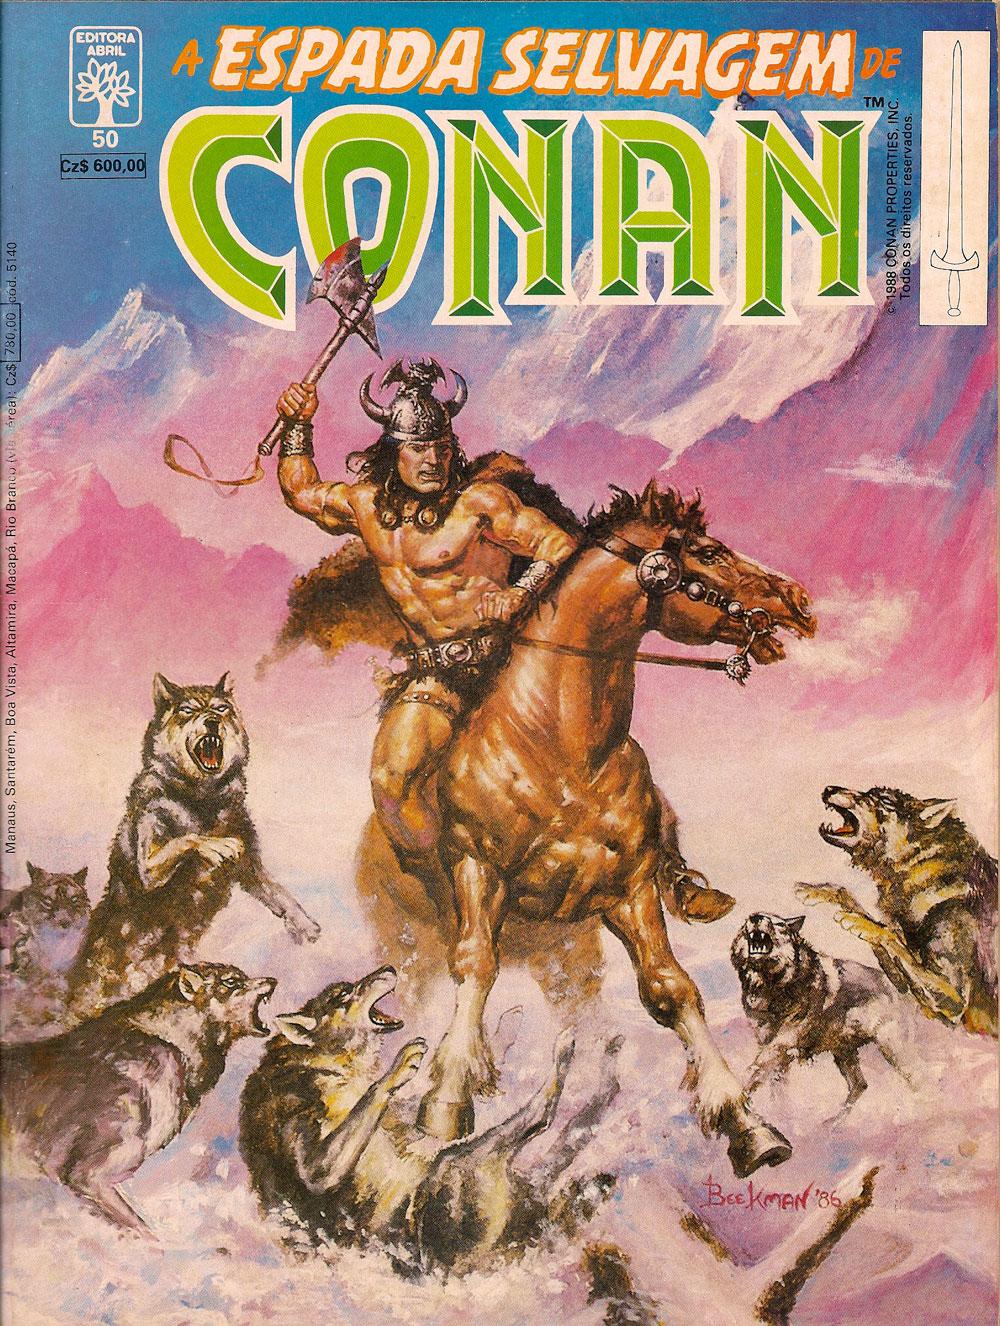 Capa: A Espada Selvagem de Conan 50